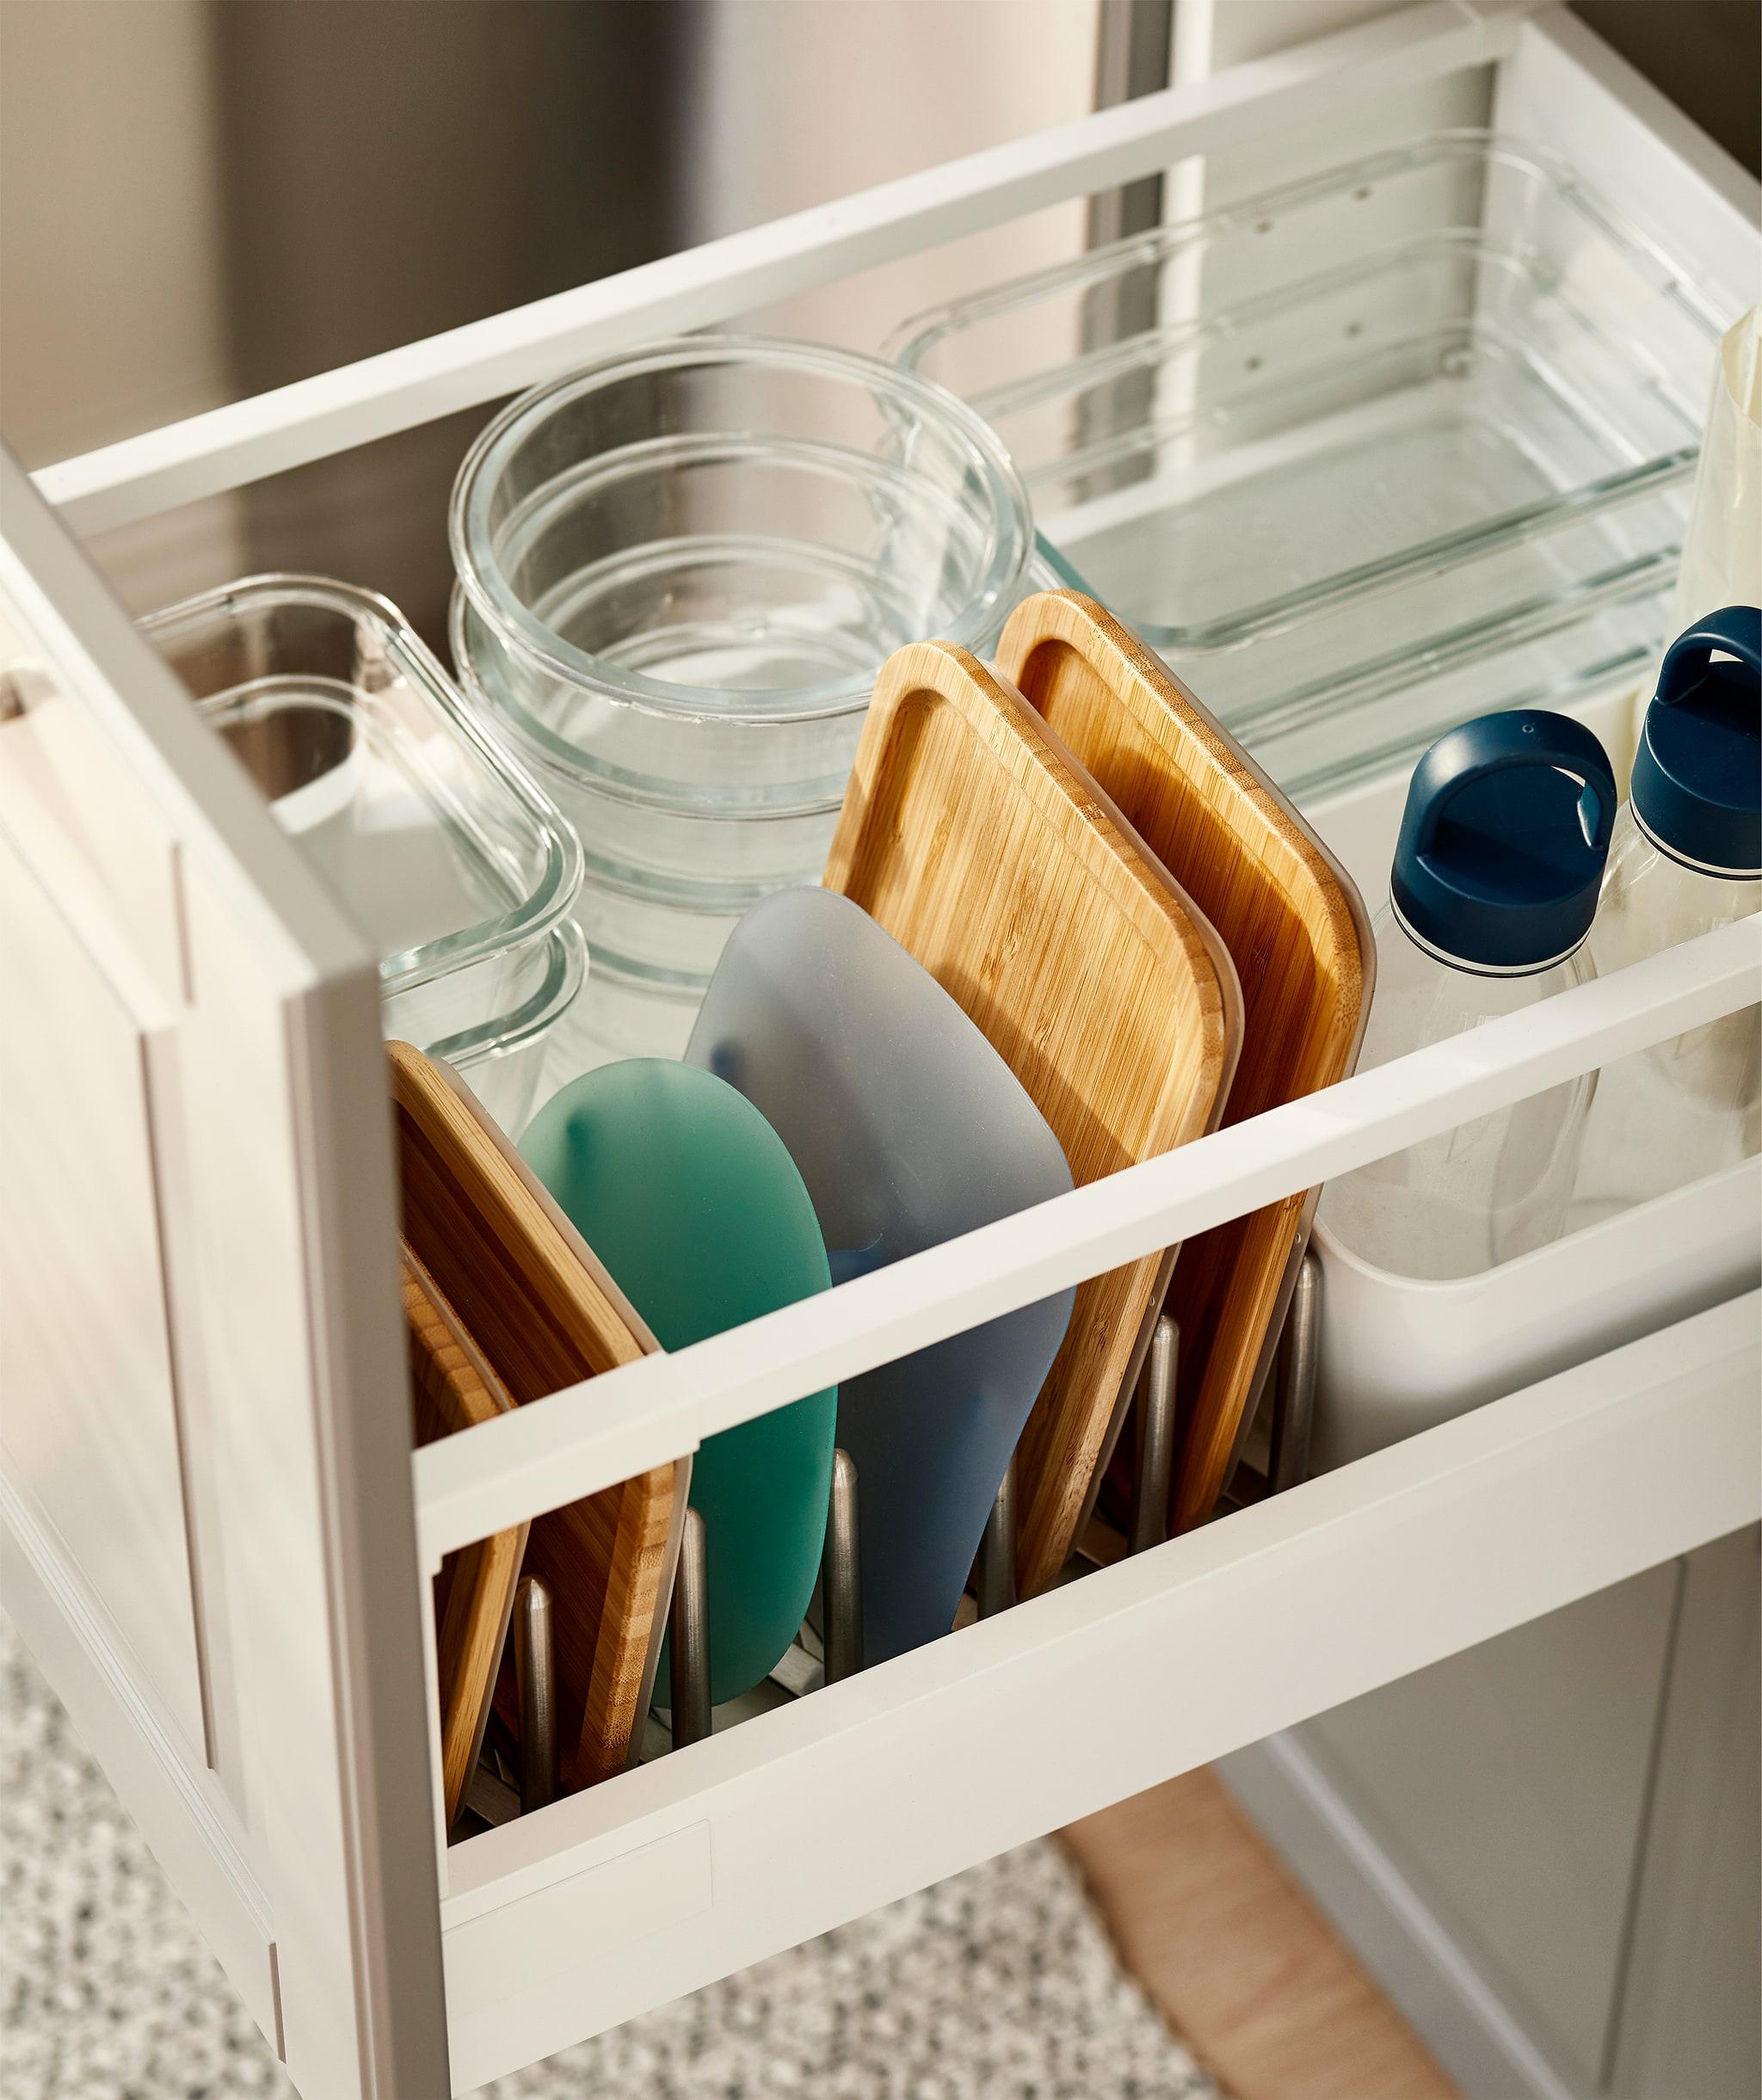 Laci dapur penuh dengan tumpukan wadah kaca dalam berbagai ukuran, masing-masing tutup disimpan di pengaturan tutup panci.